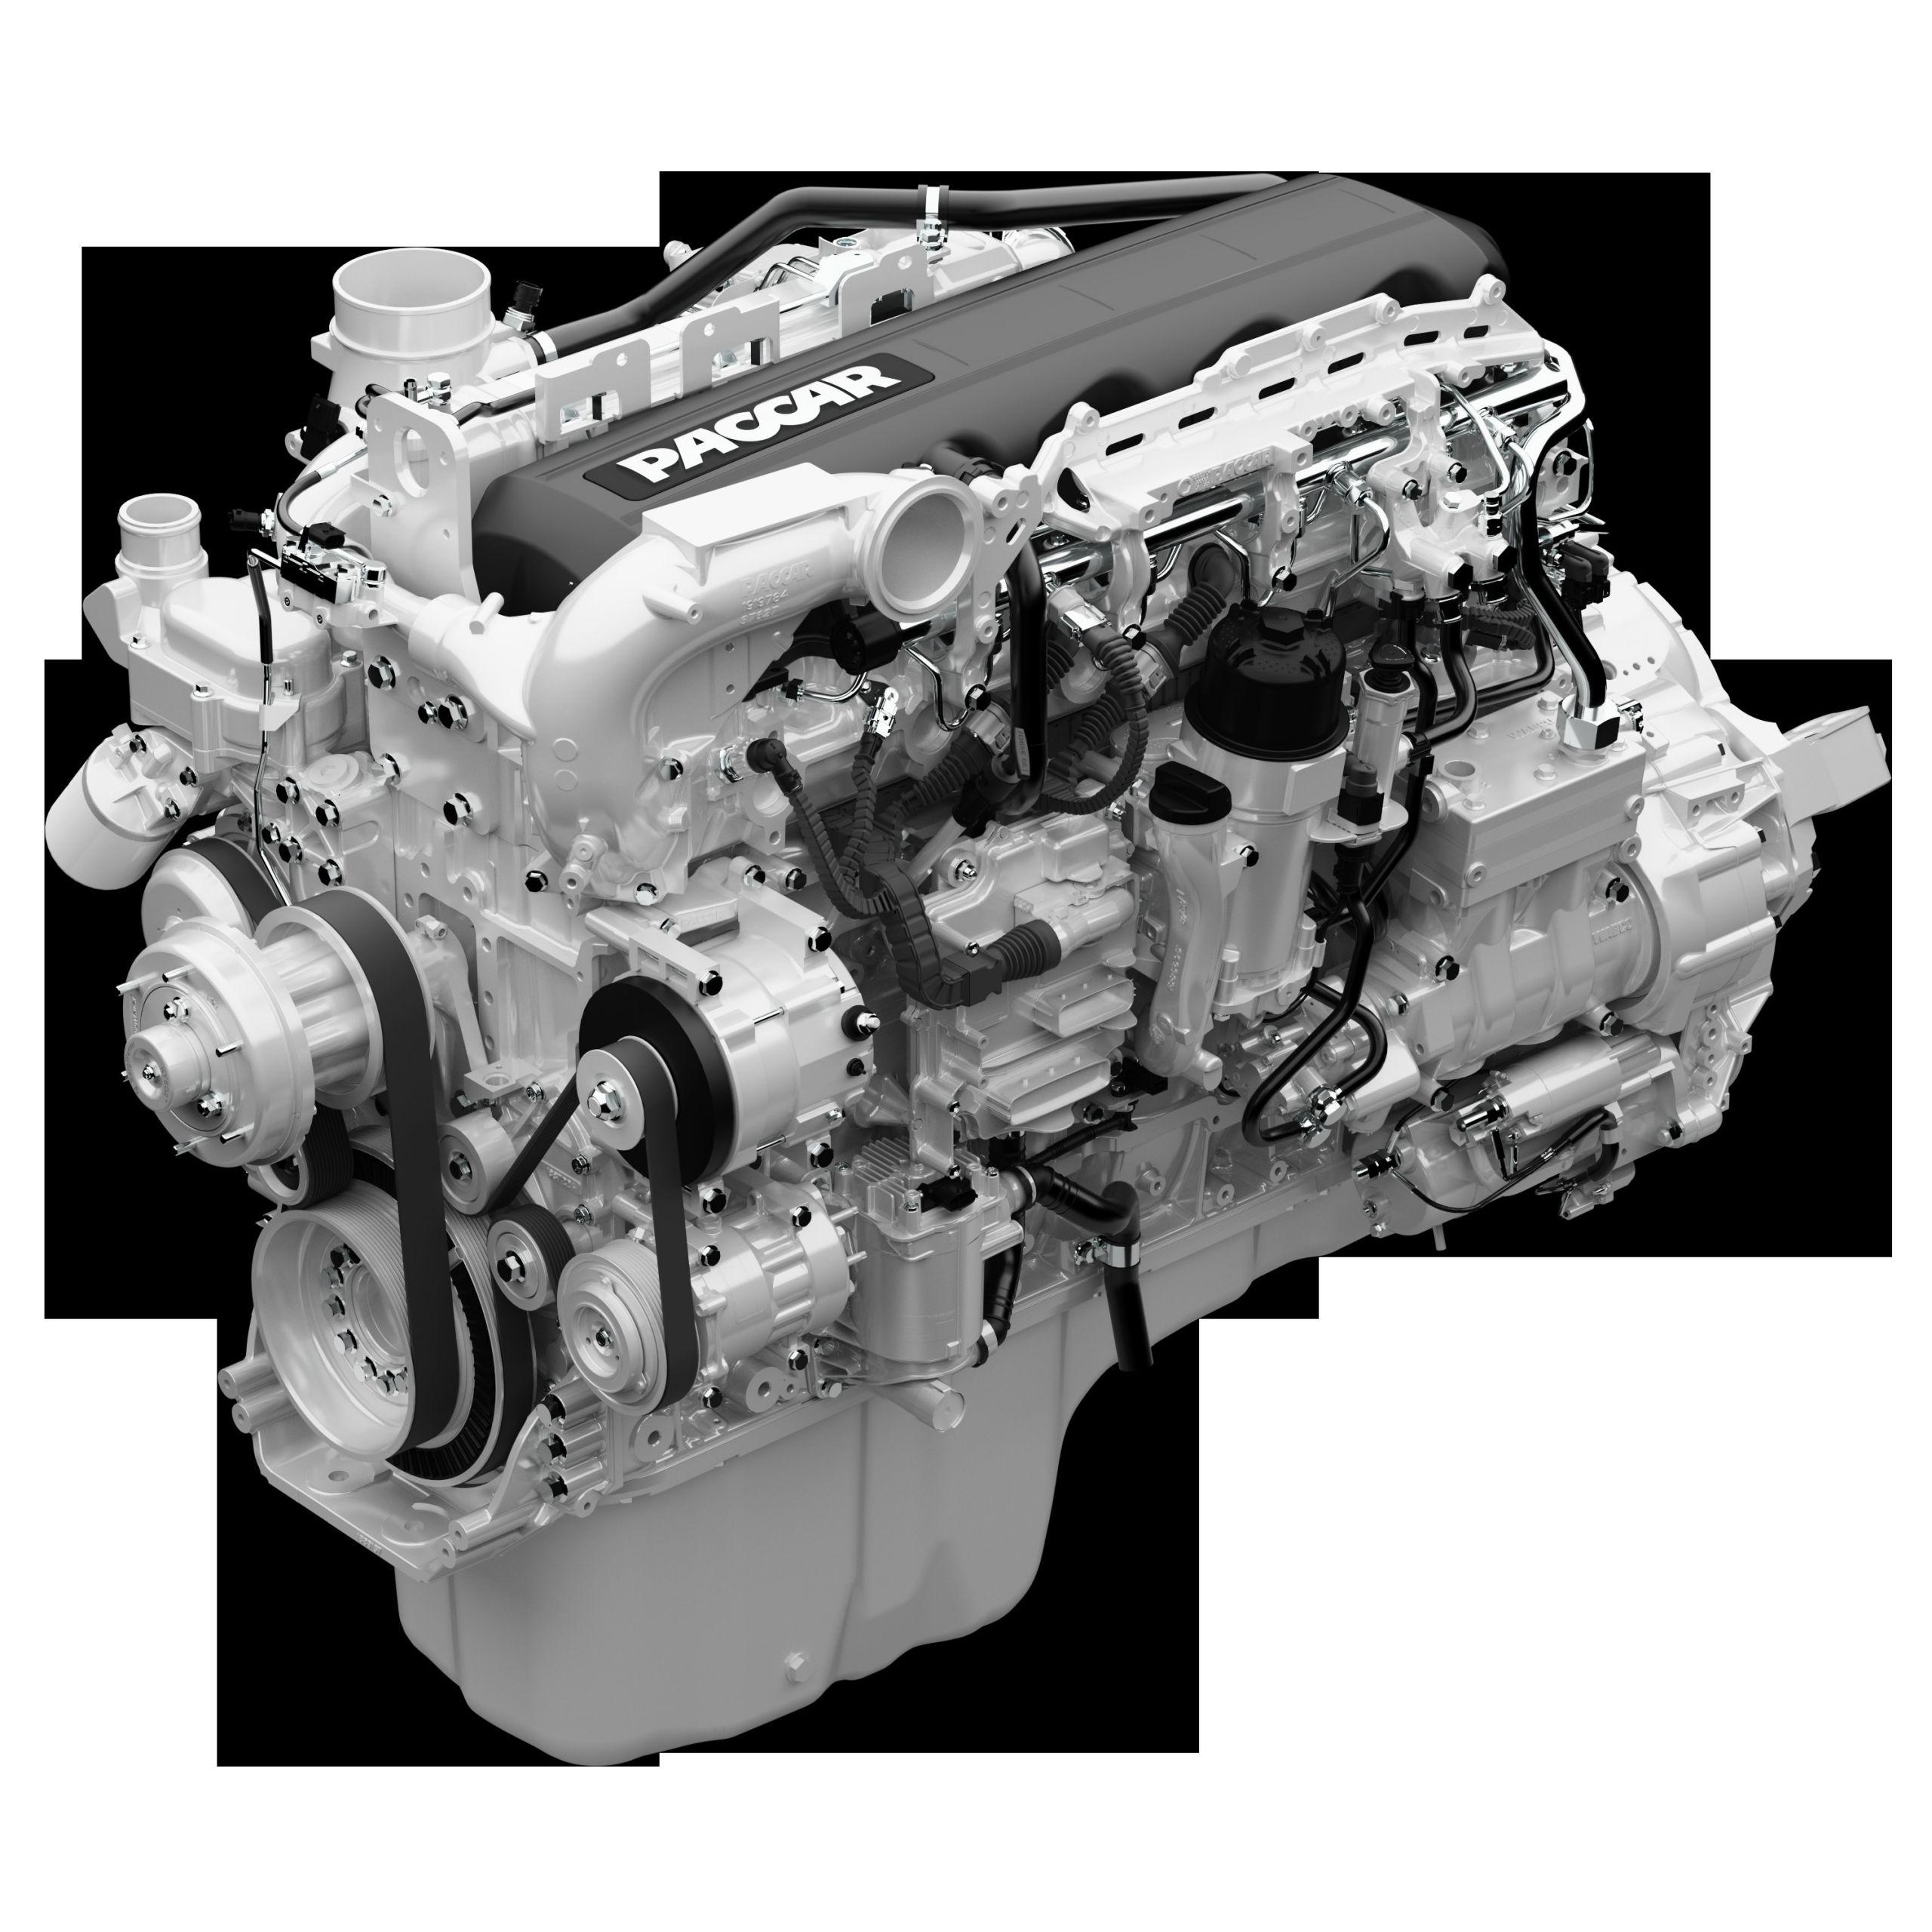 Mx 13 Engine Diagram Maxxforce 13 Engine Diagram